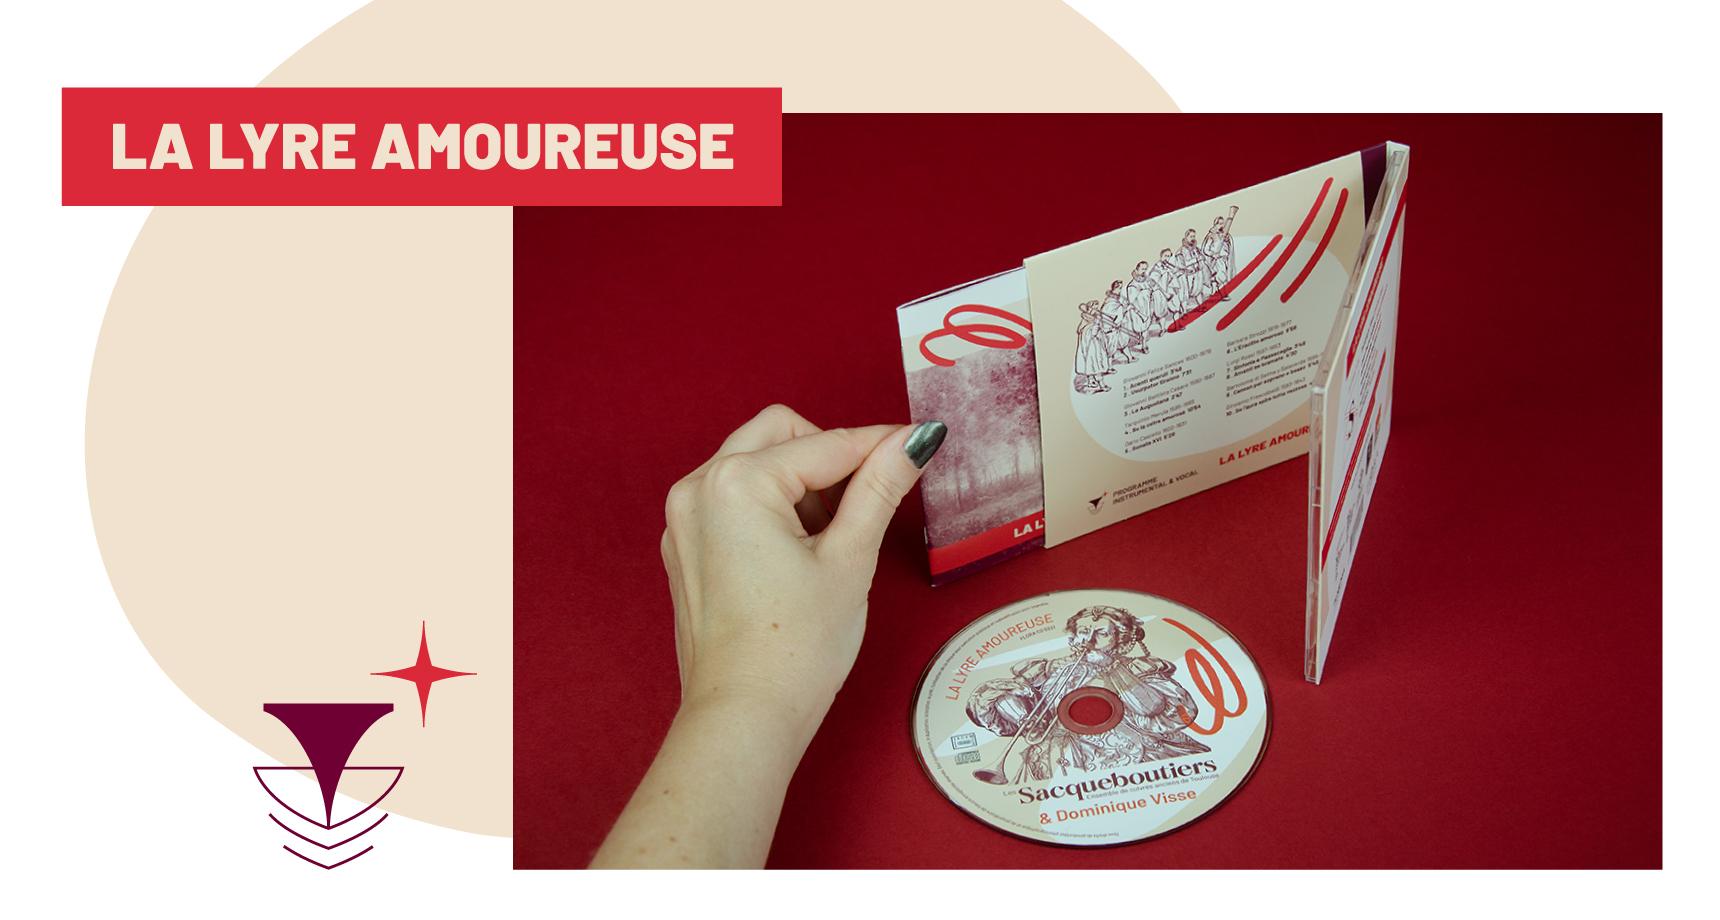 Post de blog : Photos et détails du CD, de la pochette et du livret réalisés par Superfruit pour le CD La Lyre Amoureuse des Sacqueboutiers